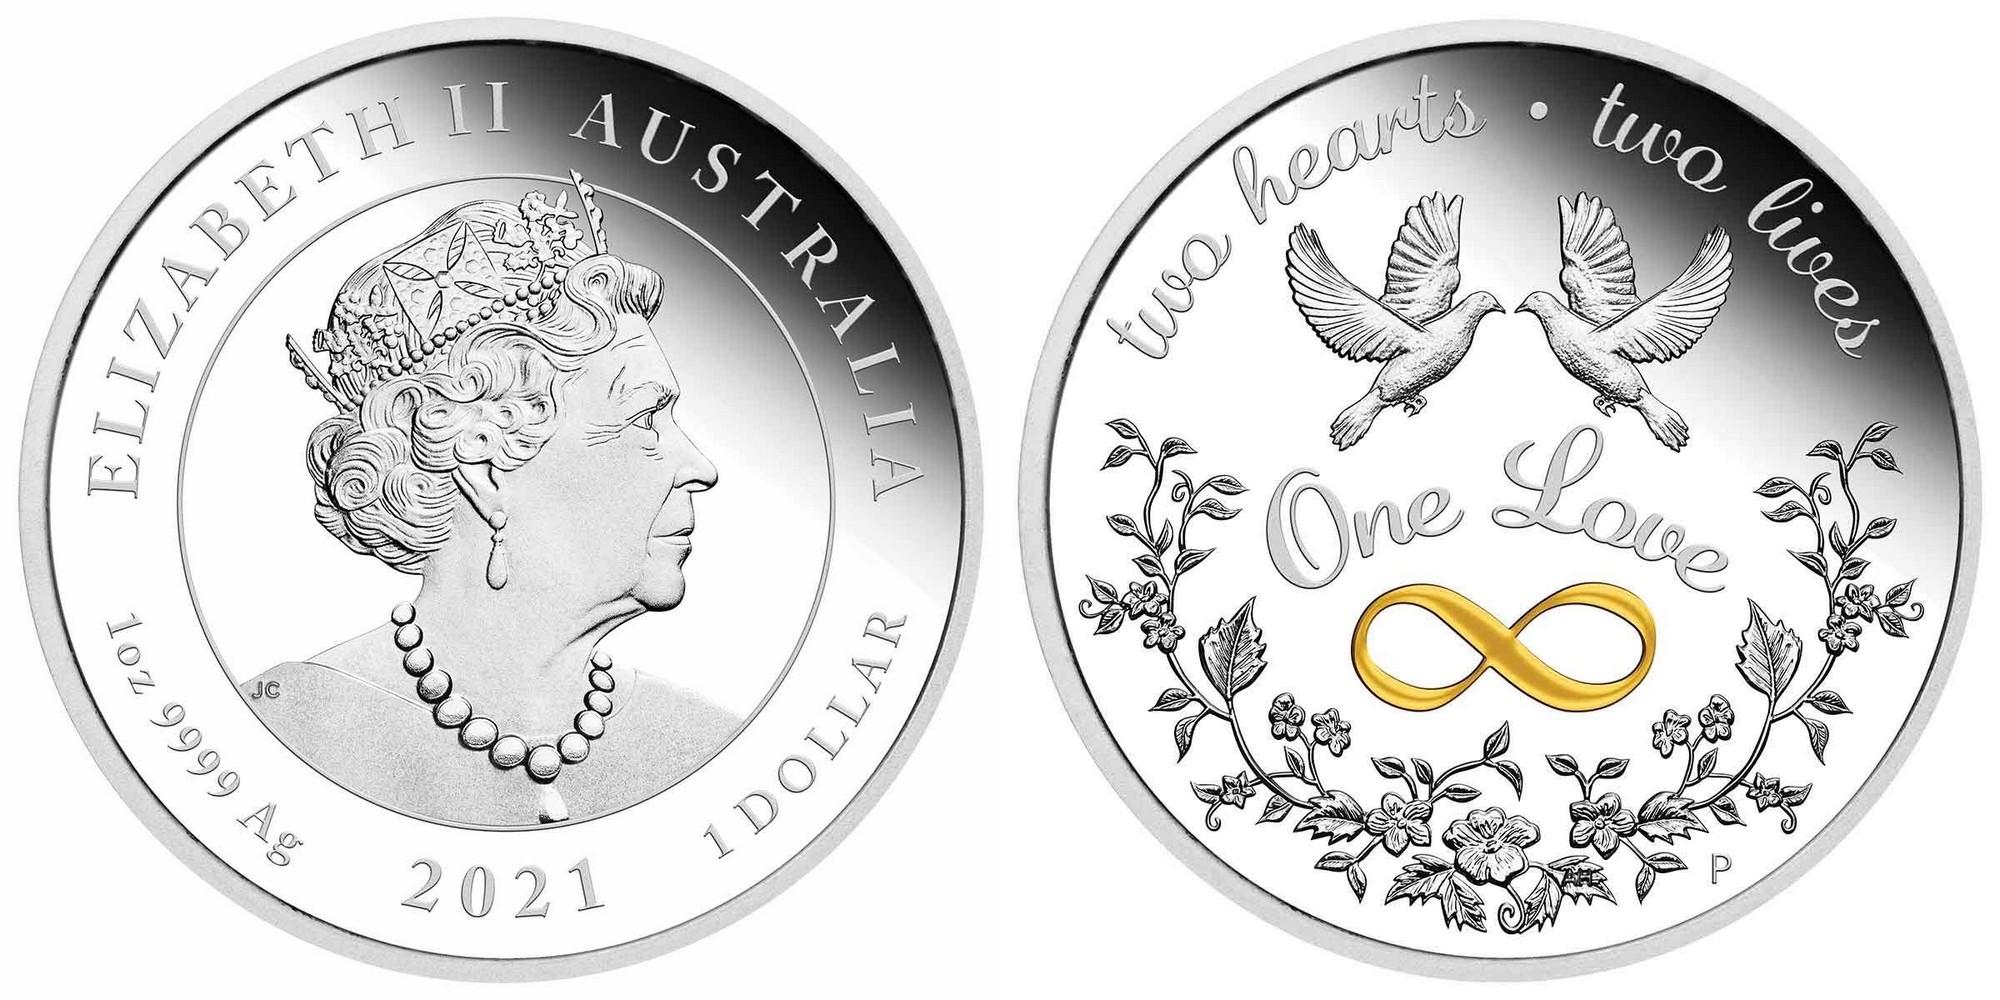 australie-2021-deux-coeurs-deux-vies-un-amour